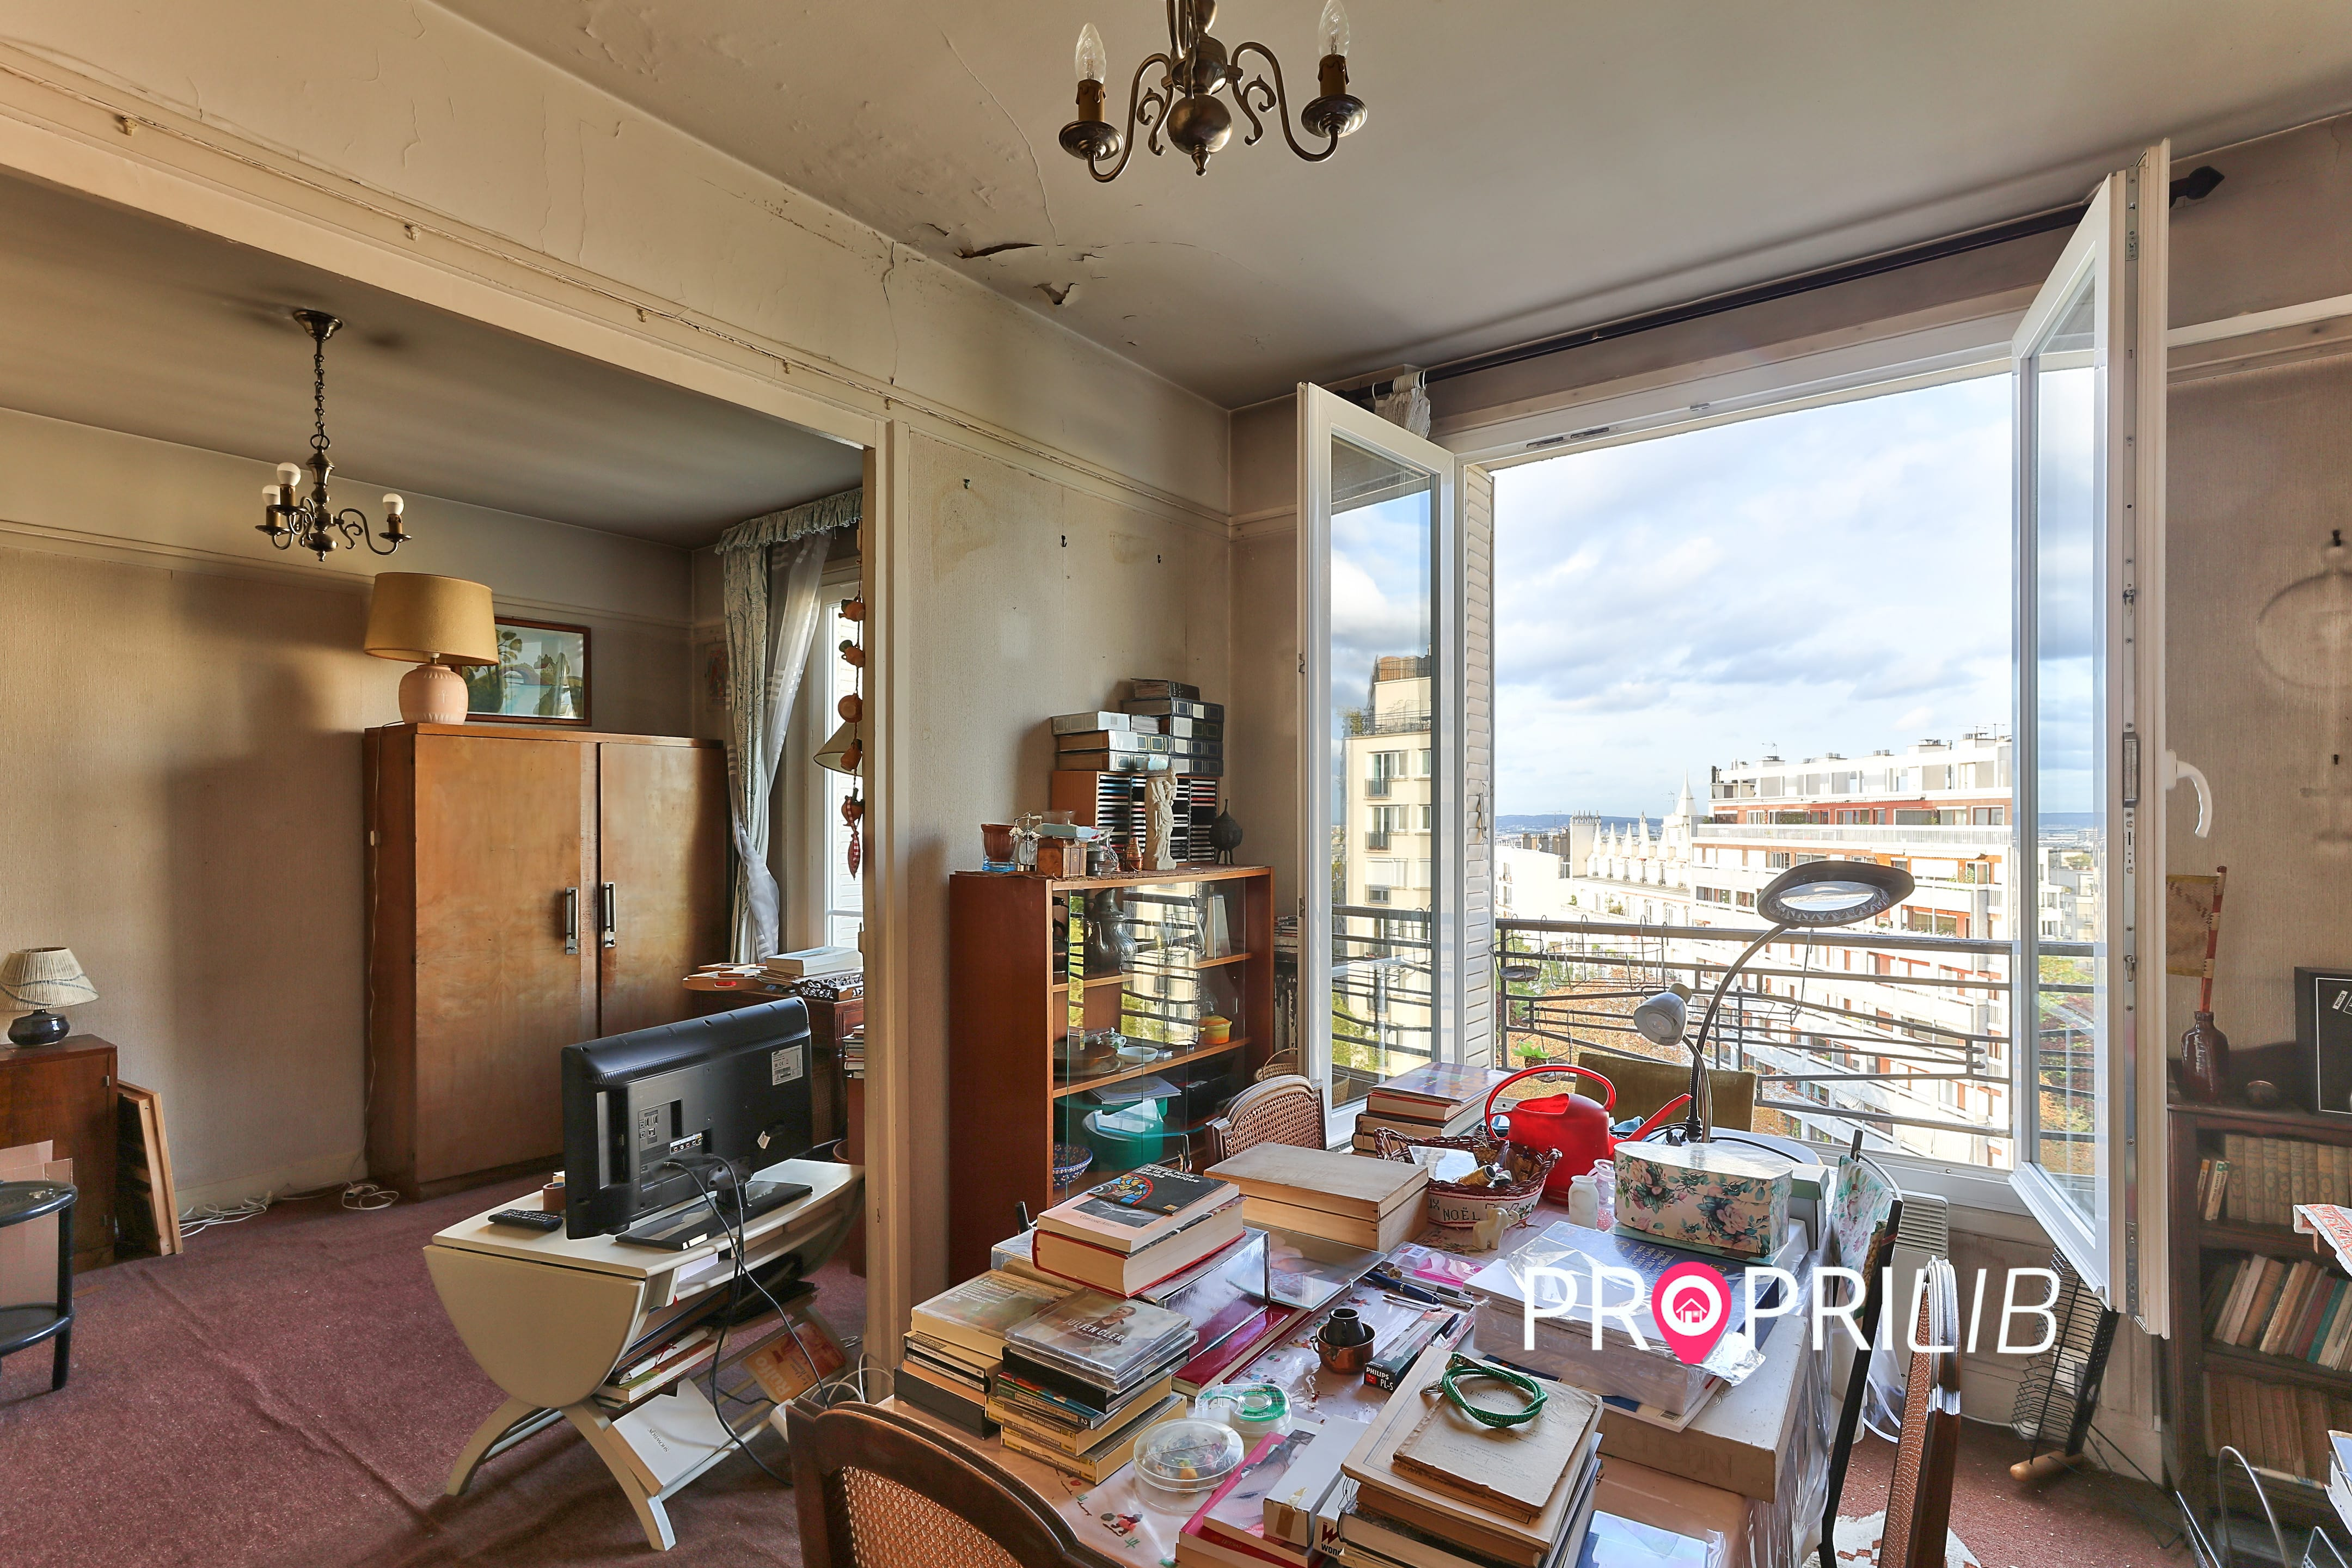 PropriLib l'agence immobilière en ligne à prix fixe vend cet appartement à Paris 19 ème